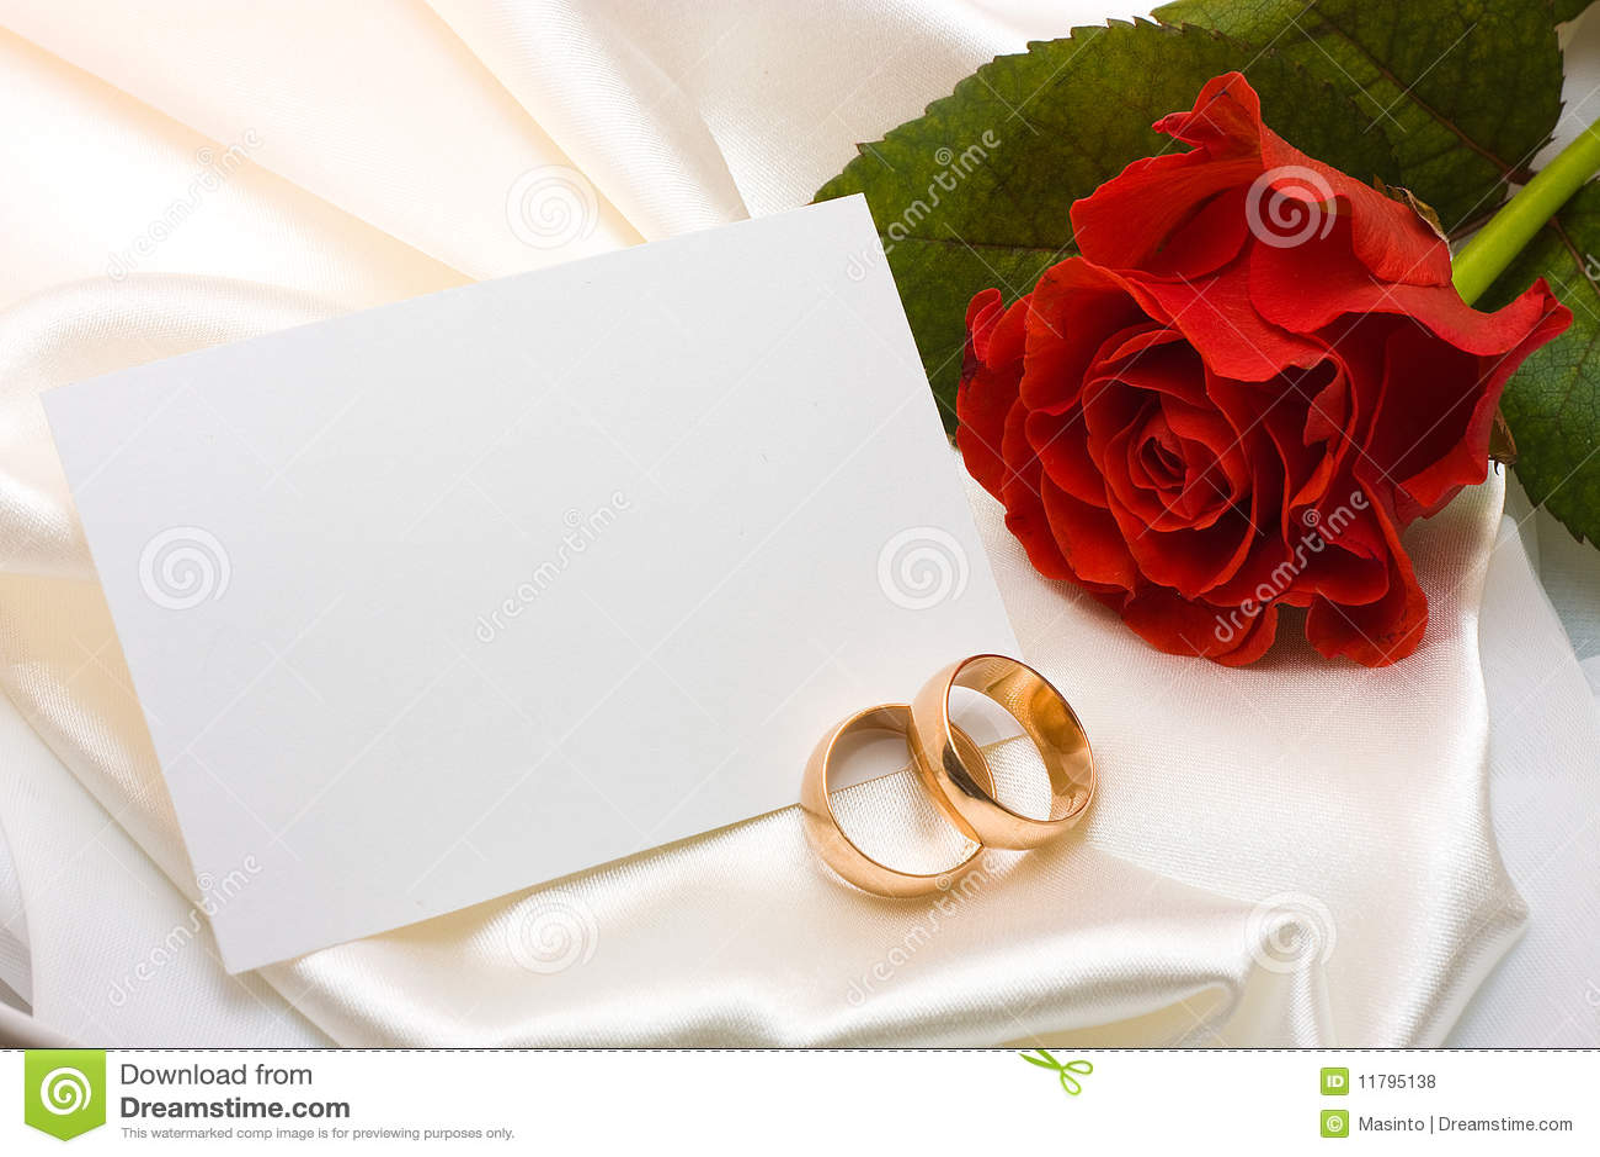 Hochzeitsringe, rosafarben und Karte